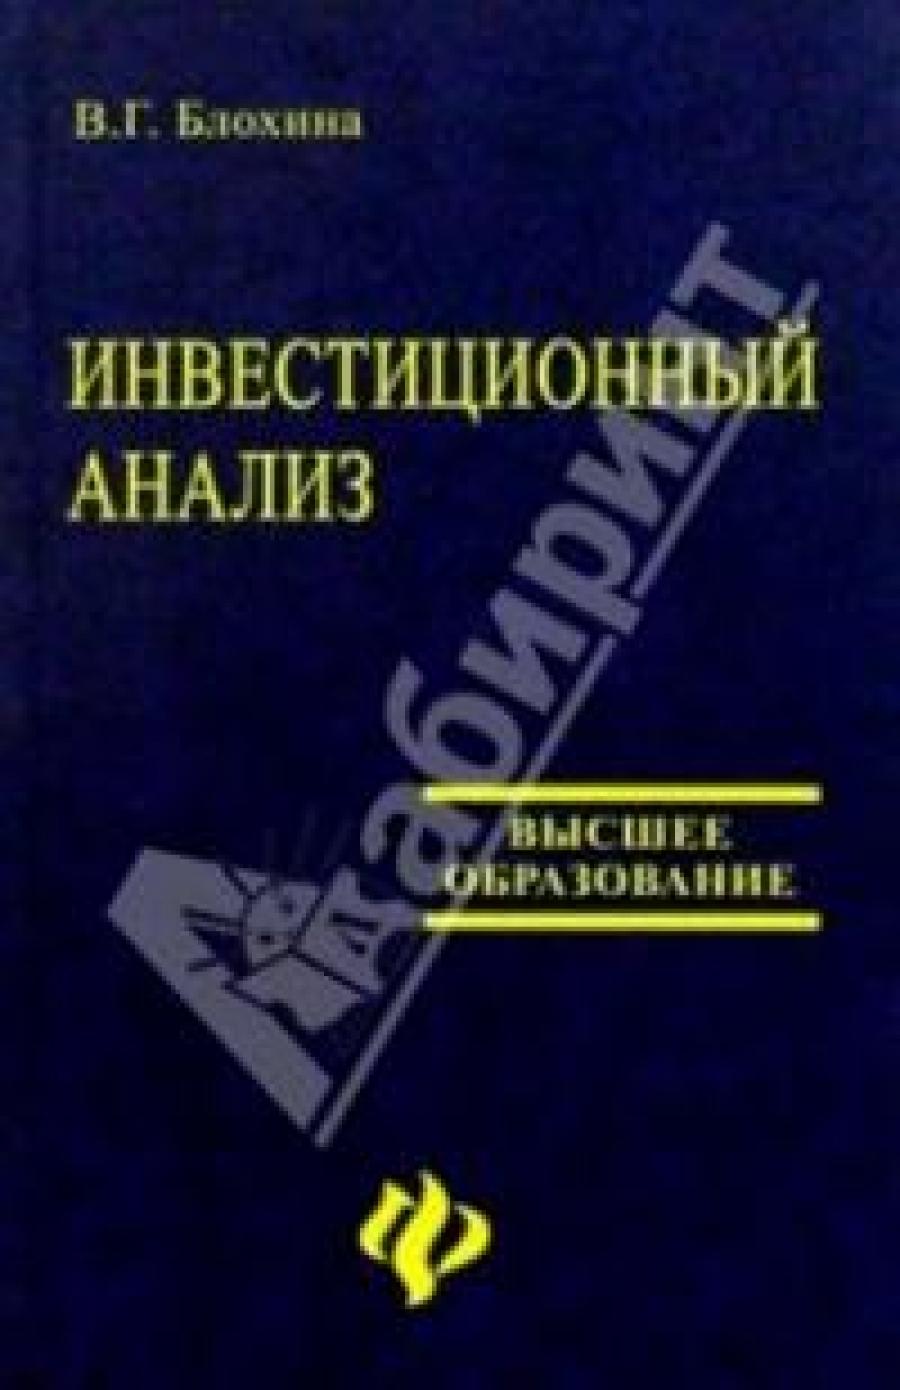 Обложка книги:  в.г. блохина - инвестиционный анализ